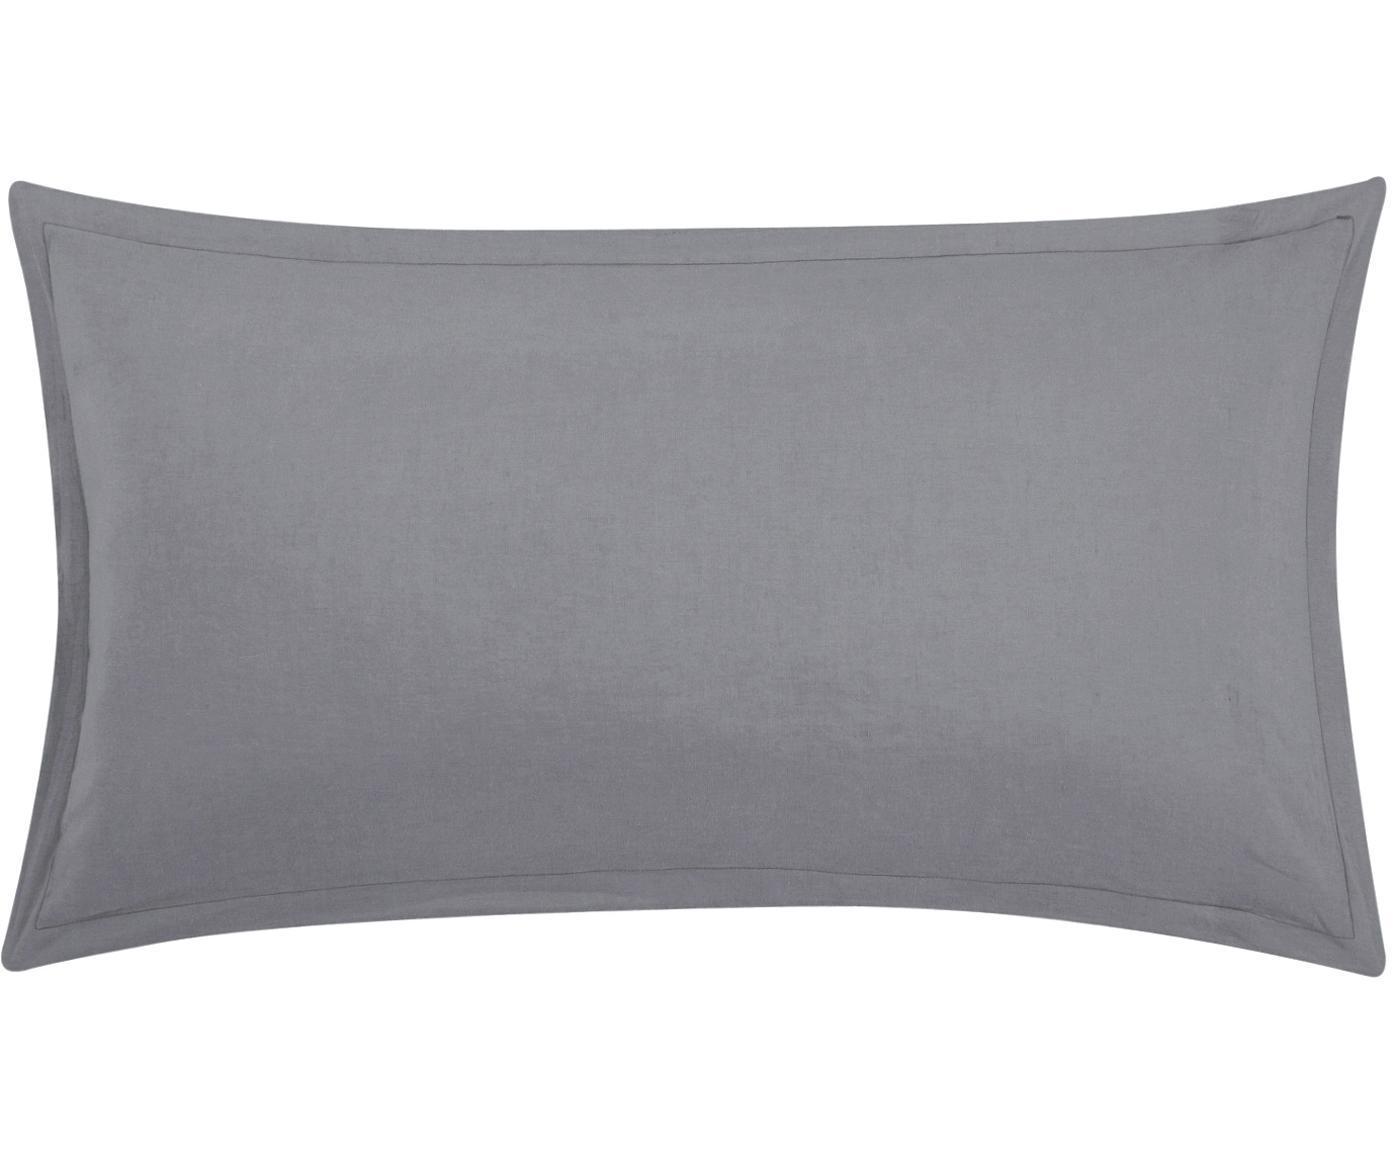 Poszewka na poduszkę z lnu z efektem sprania Nature, 2 szt., Ciemny szary, S 40 x D 80 cm